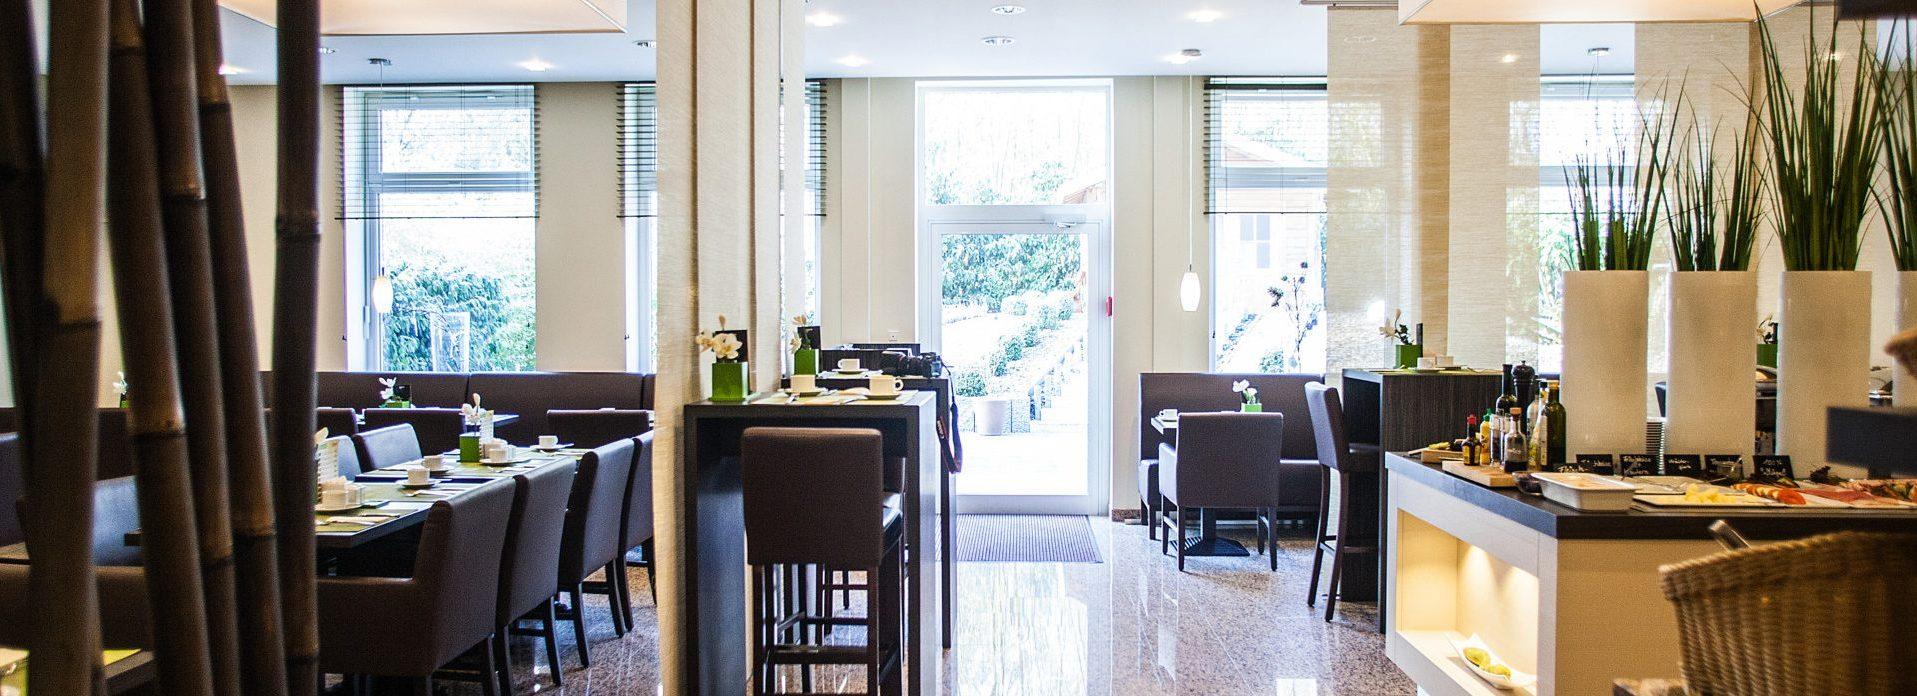 Gemütliches Ambiente im Brasserie-Style im Garten.Restaurant